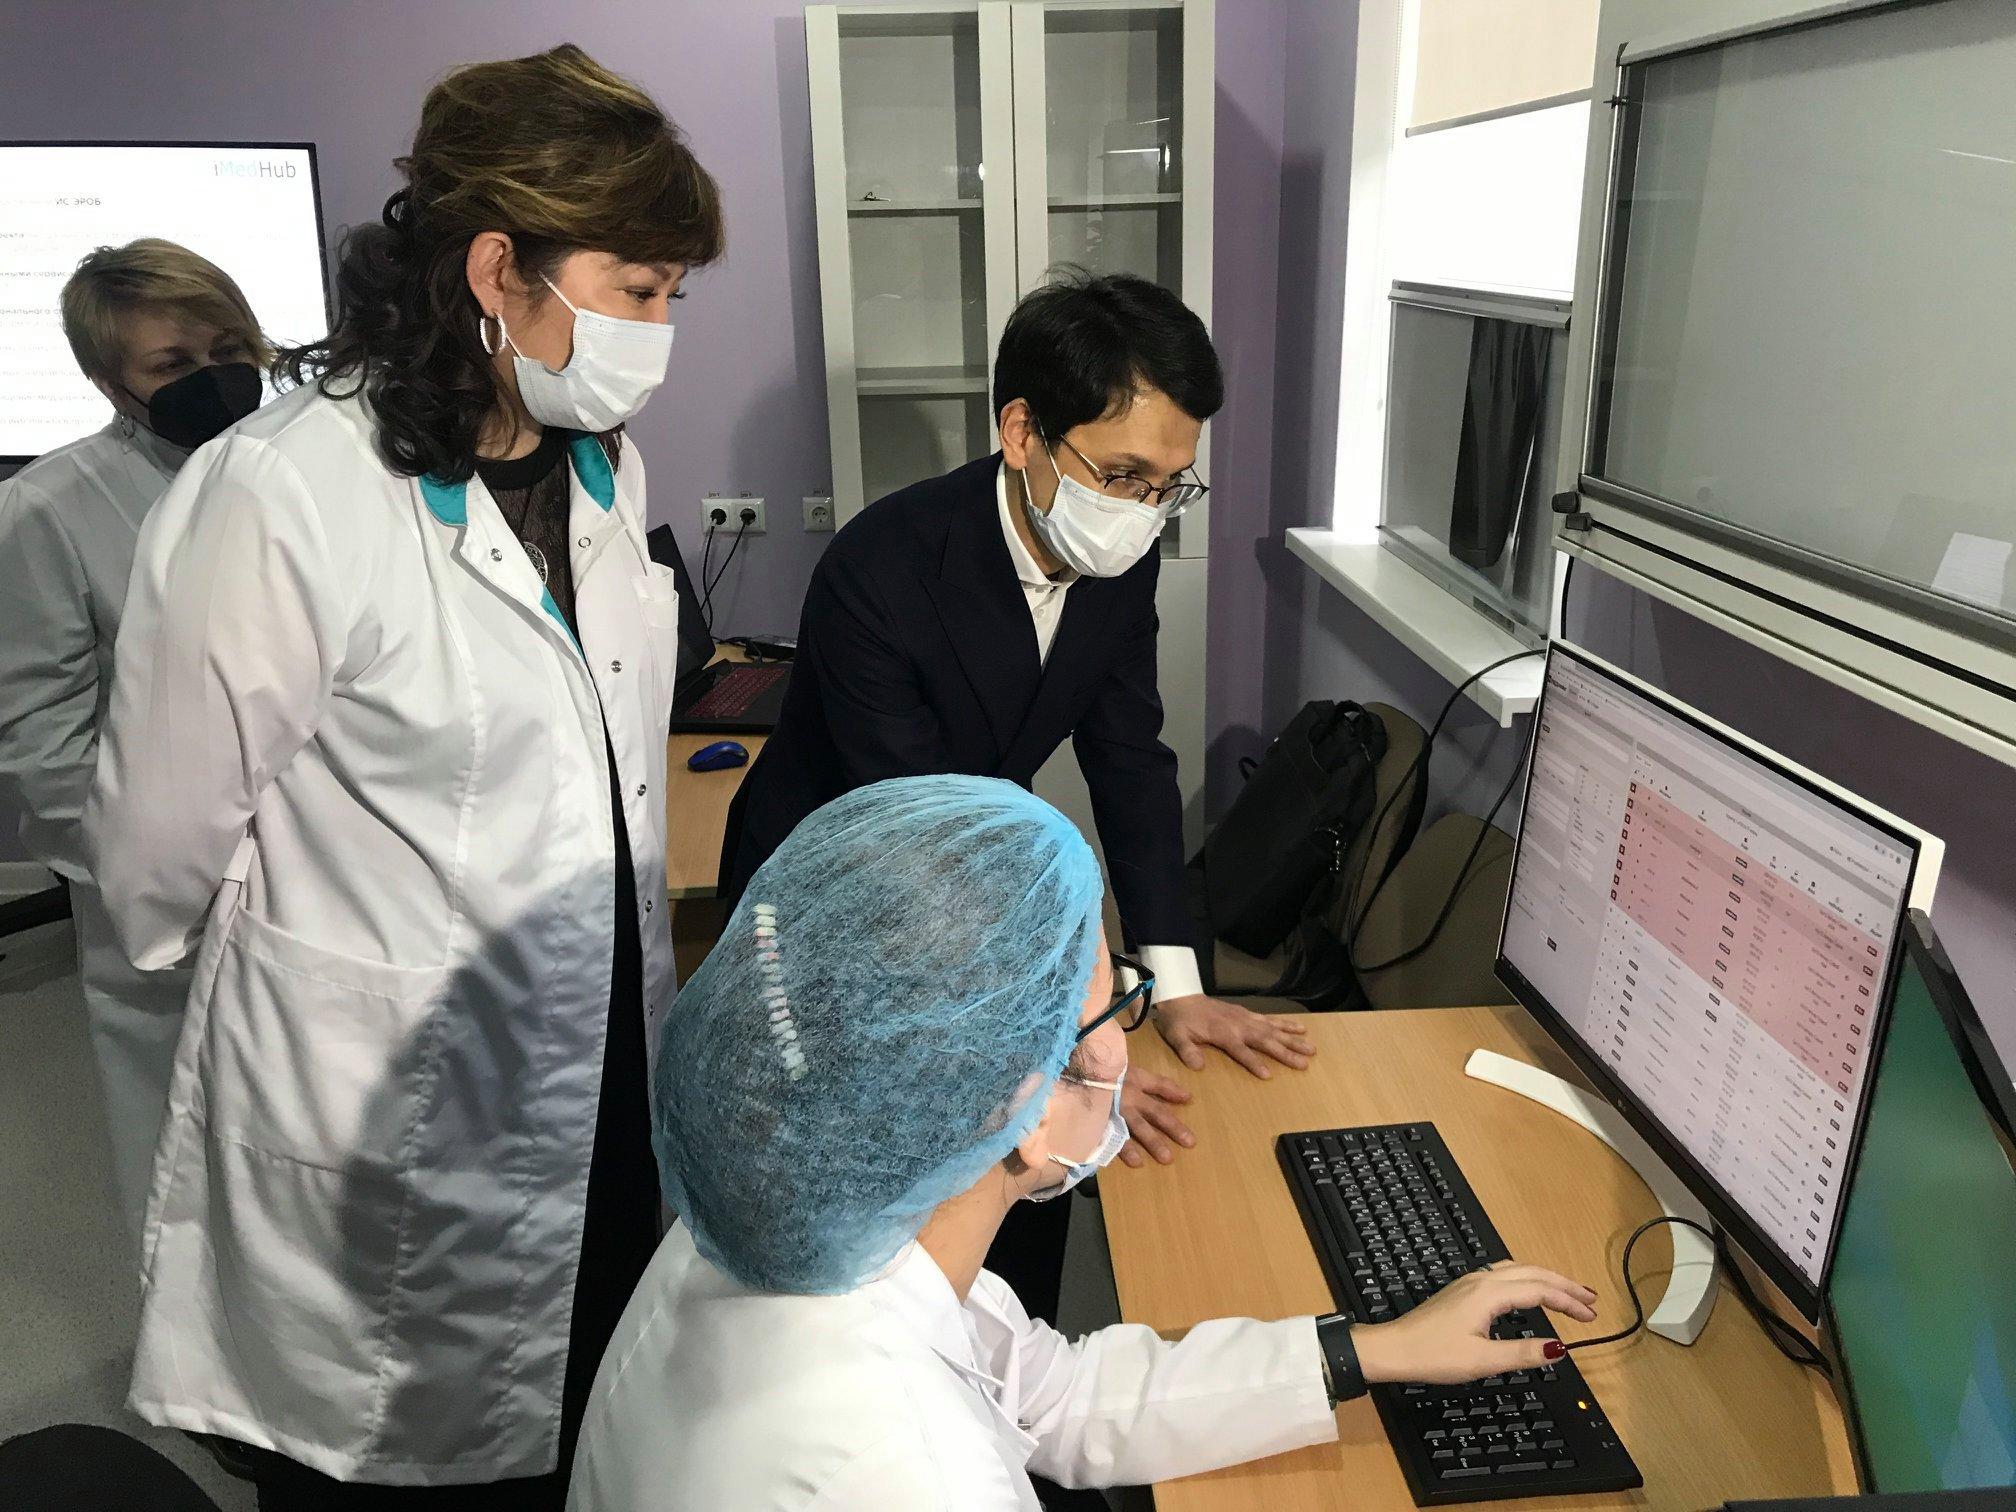 Министр цифрового развития, инноваций и аэрокосмической промышленности РК Багдат Мусин посетил Казахский НИИ онкологии и радиологии